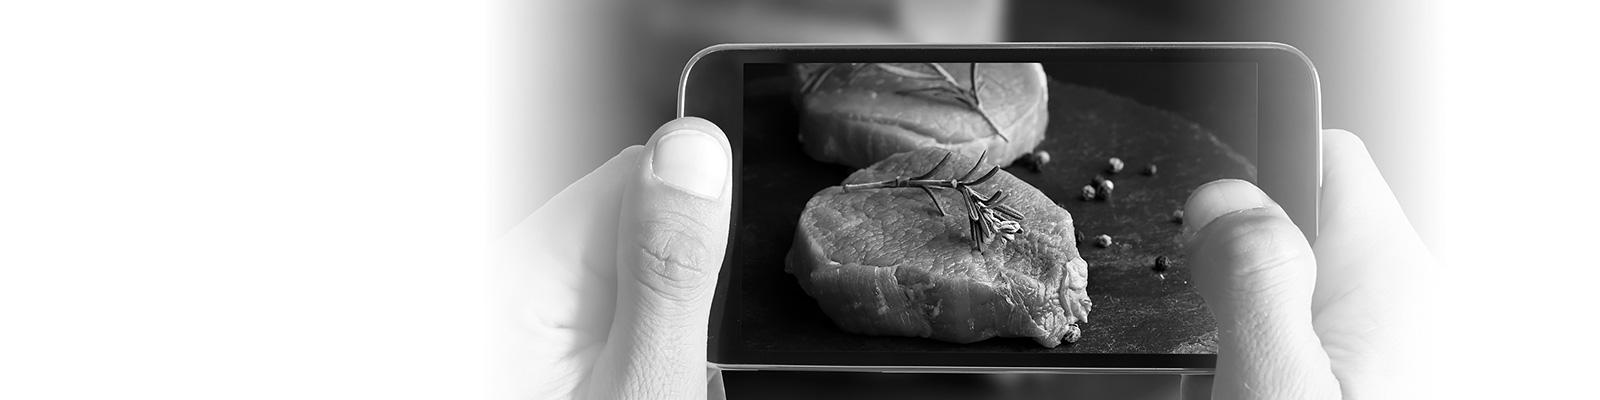 肉 スマートフォン イメージ